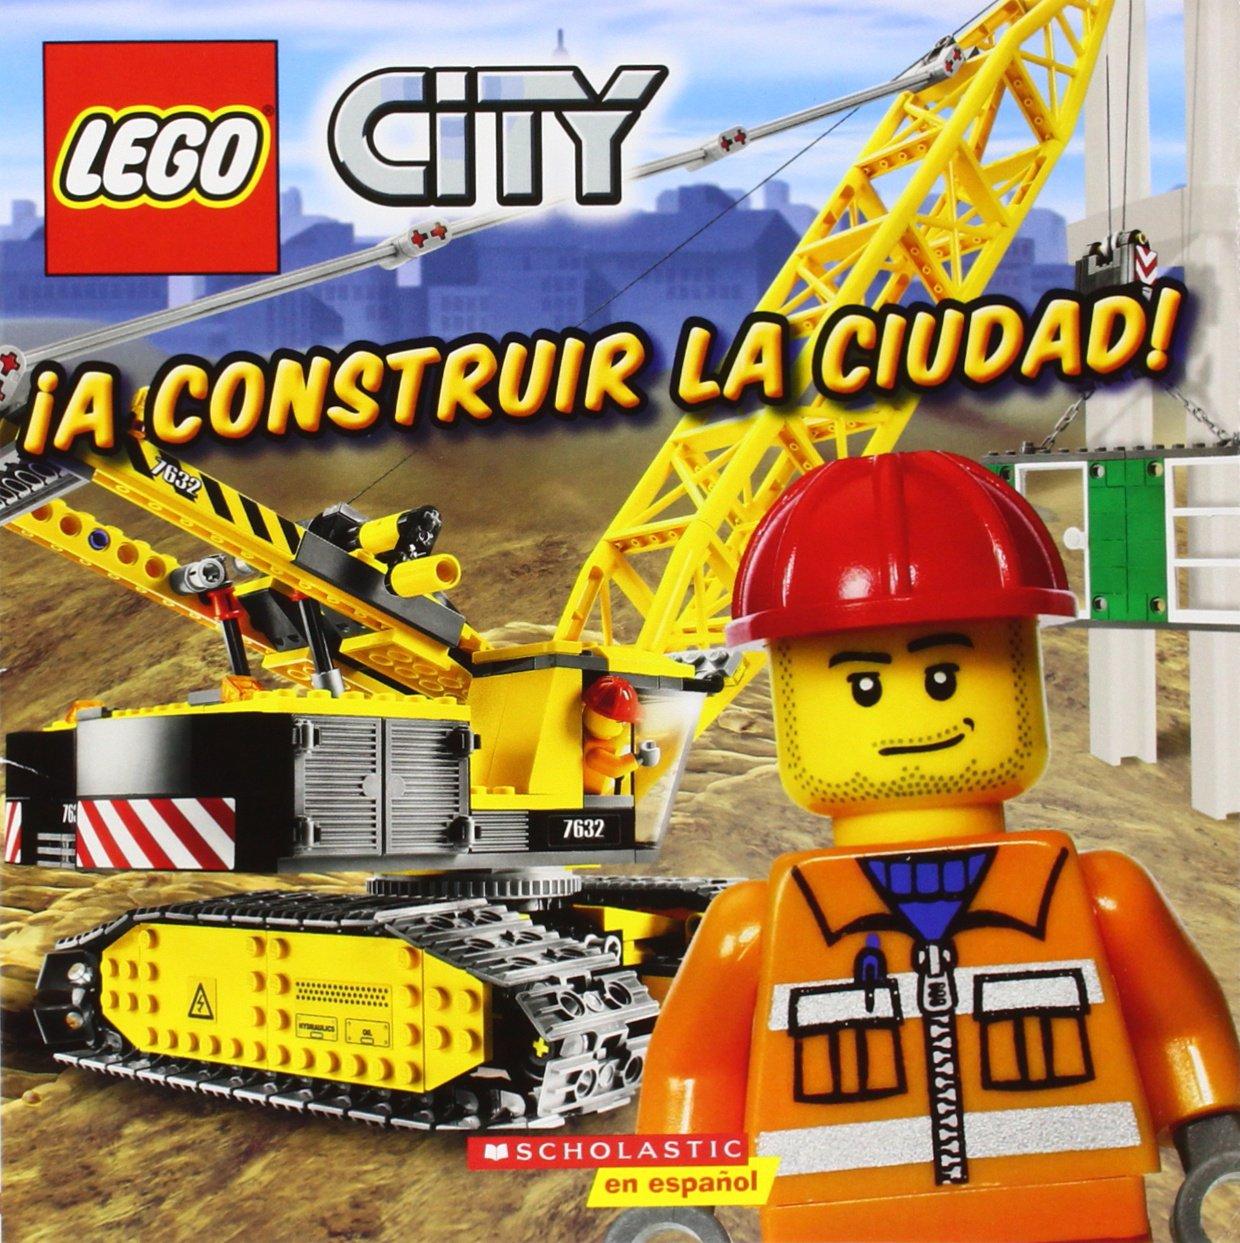 LEGO City: ¡A construir la ciudad!: (Spanish language edition of LEGO City: Build This City!) (Spanish Edition): Scholastic: 9780545344647: Amazon.com: ...